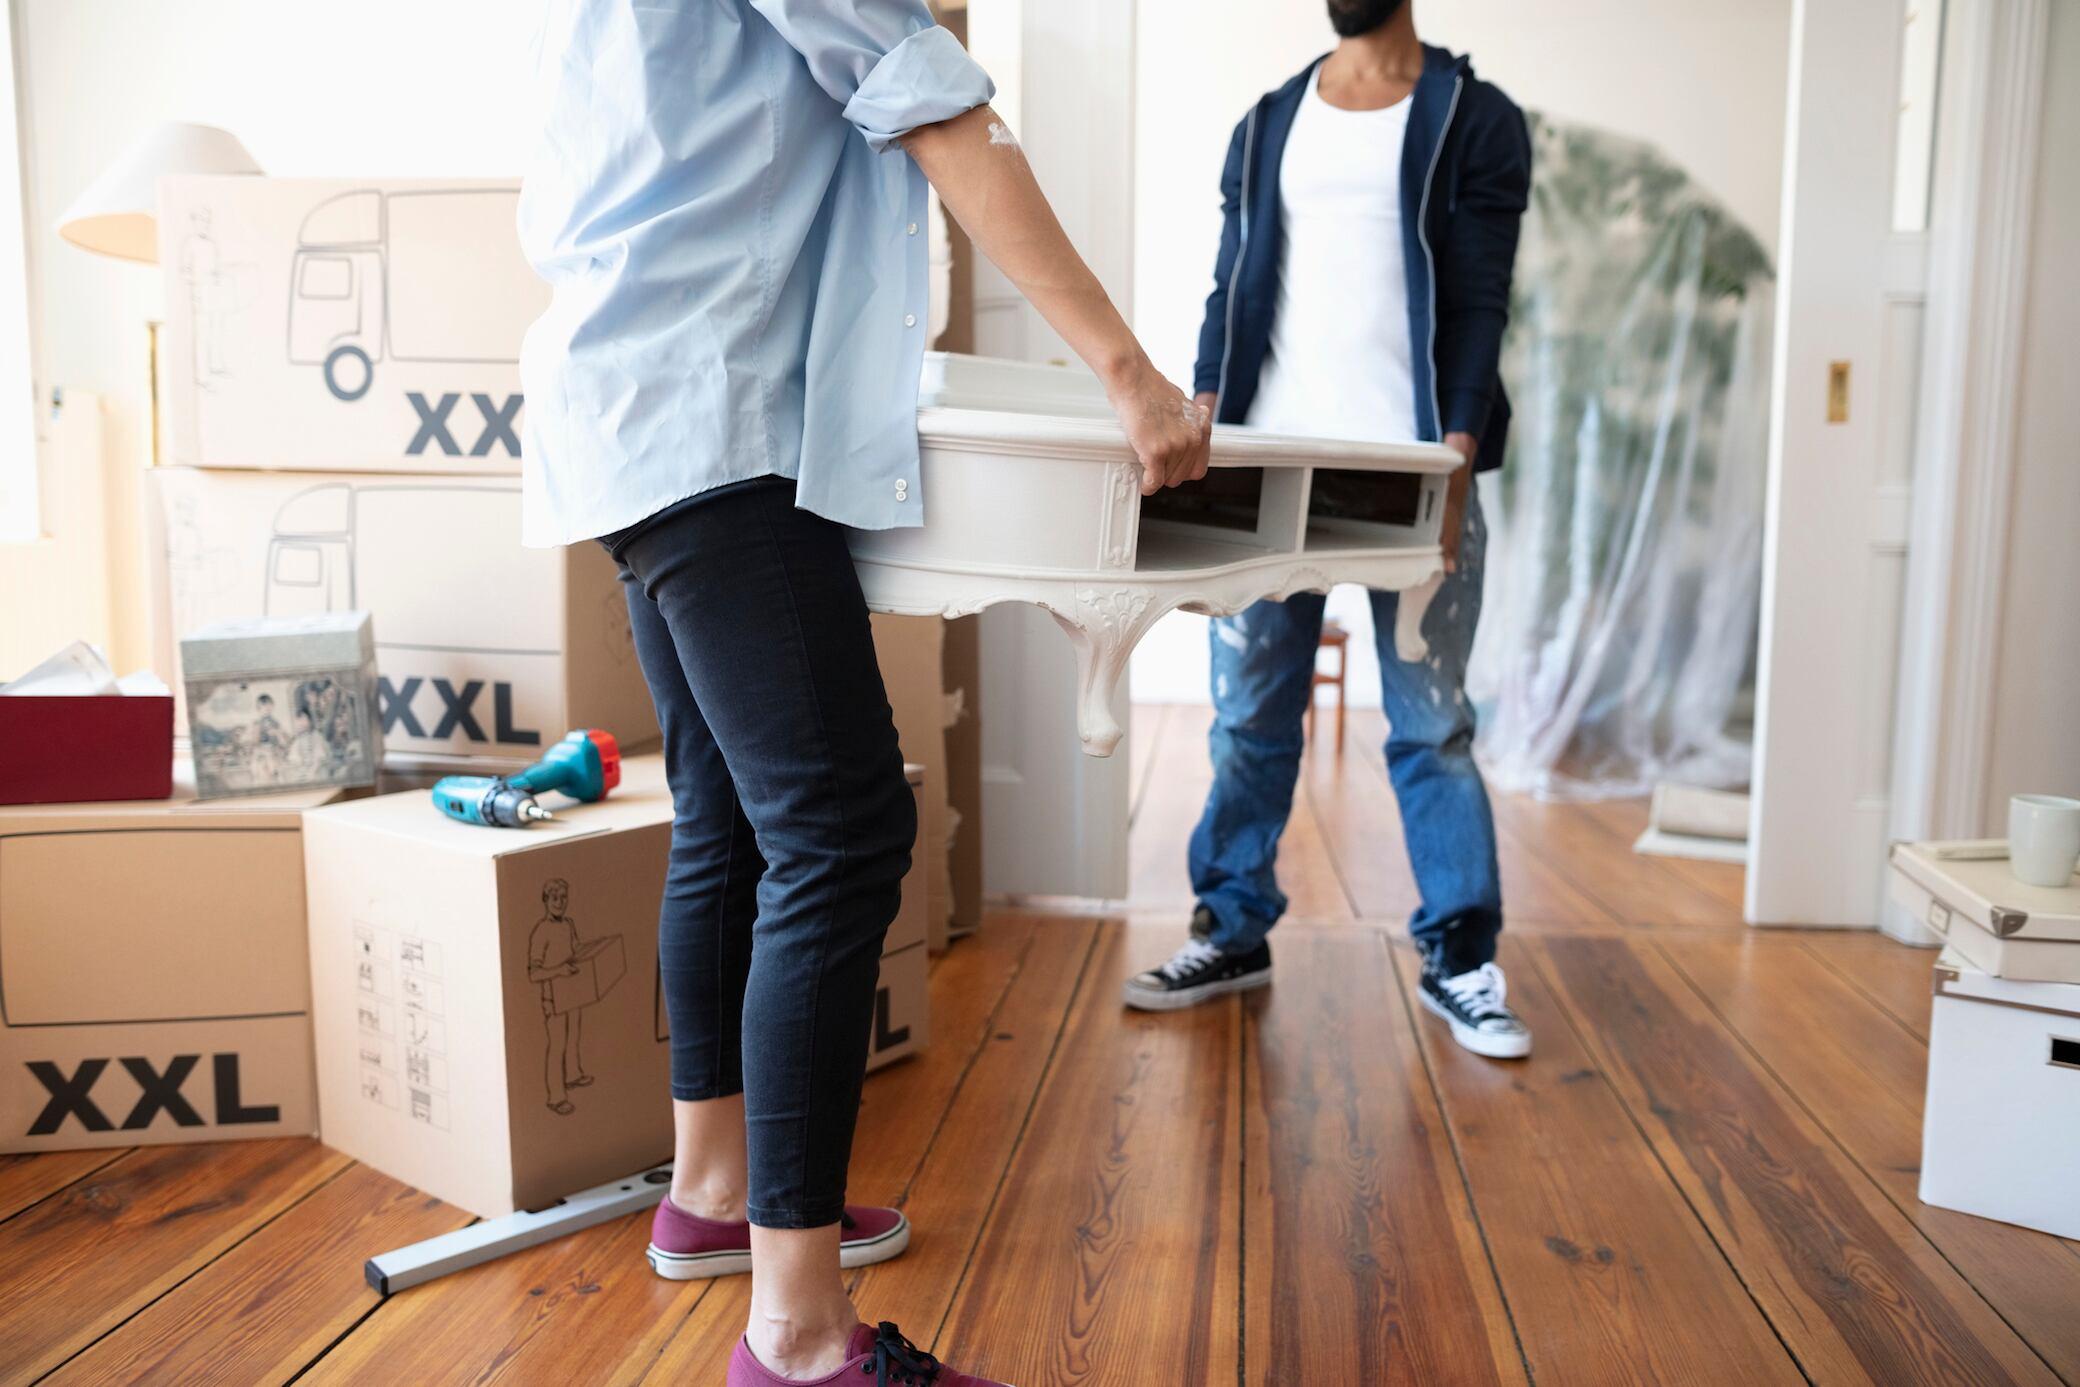 Ikea kauft Ihre alten Möbel zurück – lohnt es sich?